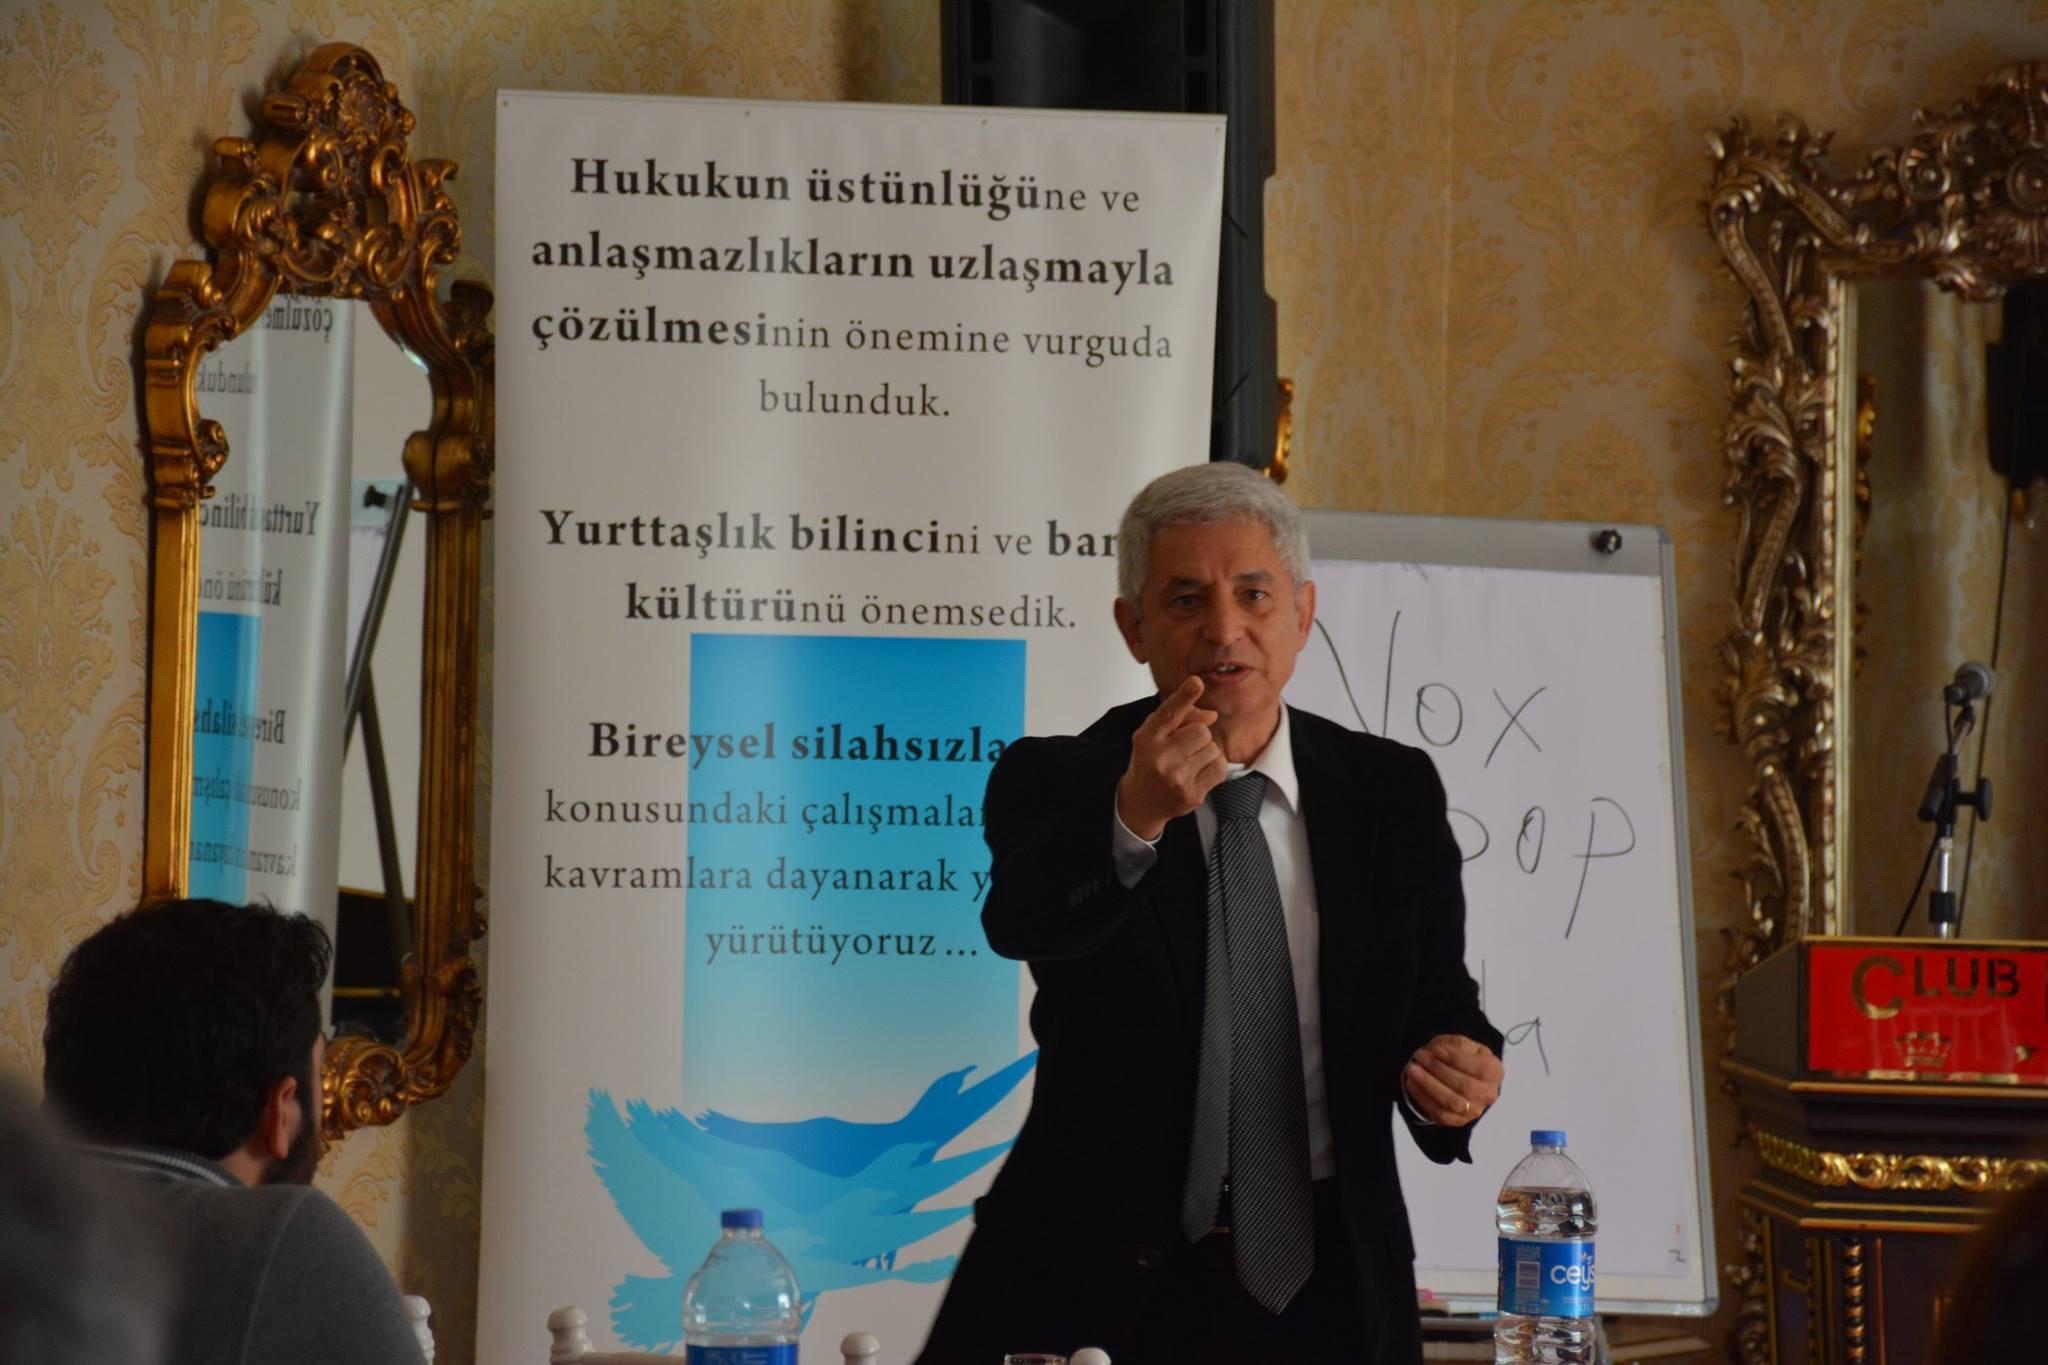 Röportaj Atölyesi'nin ikinci durağı Antalya oldu